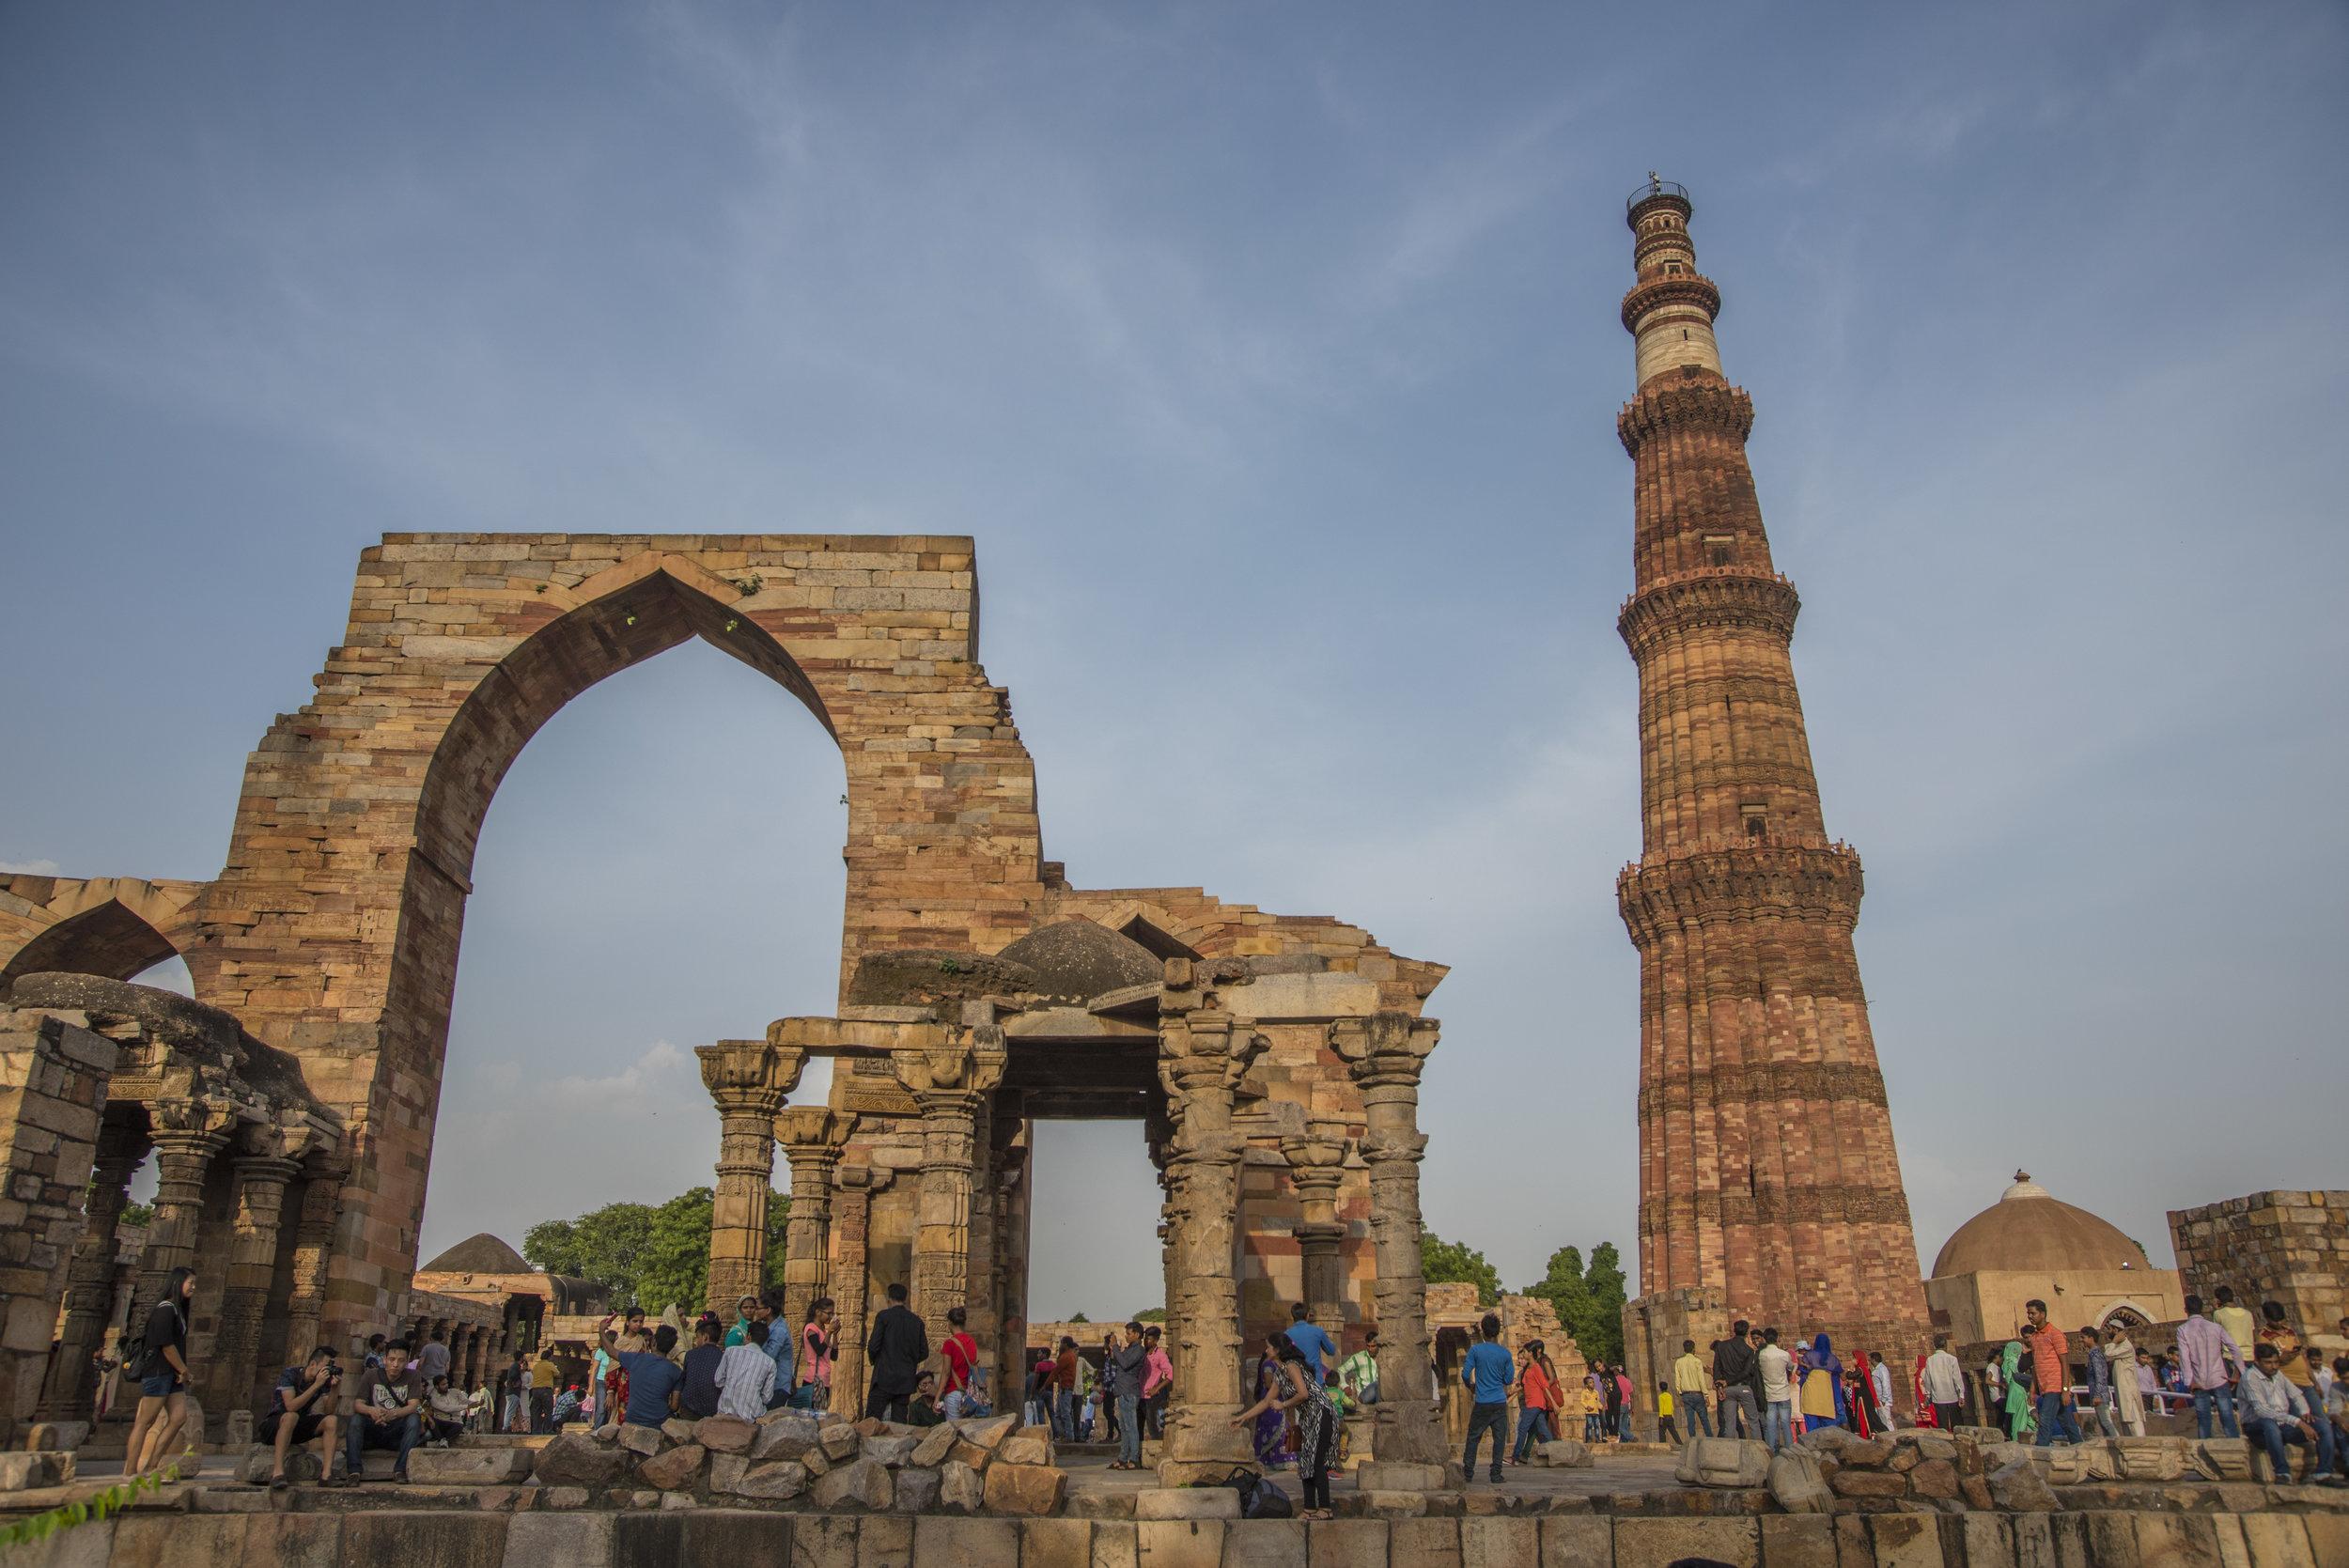 Kind of a party. (Qutb Minar, Delhi, India; Aug 2017)